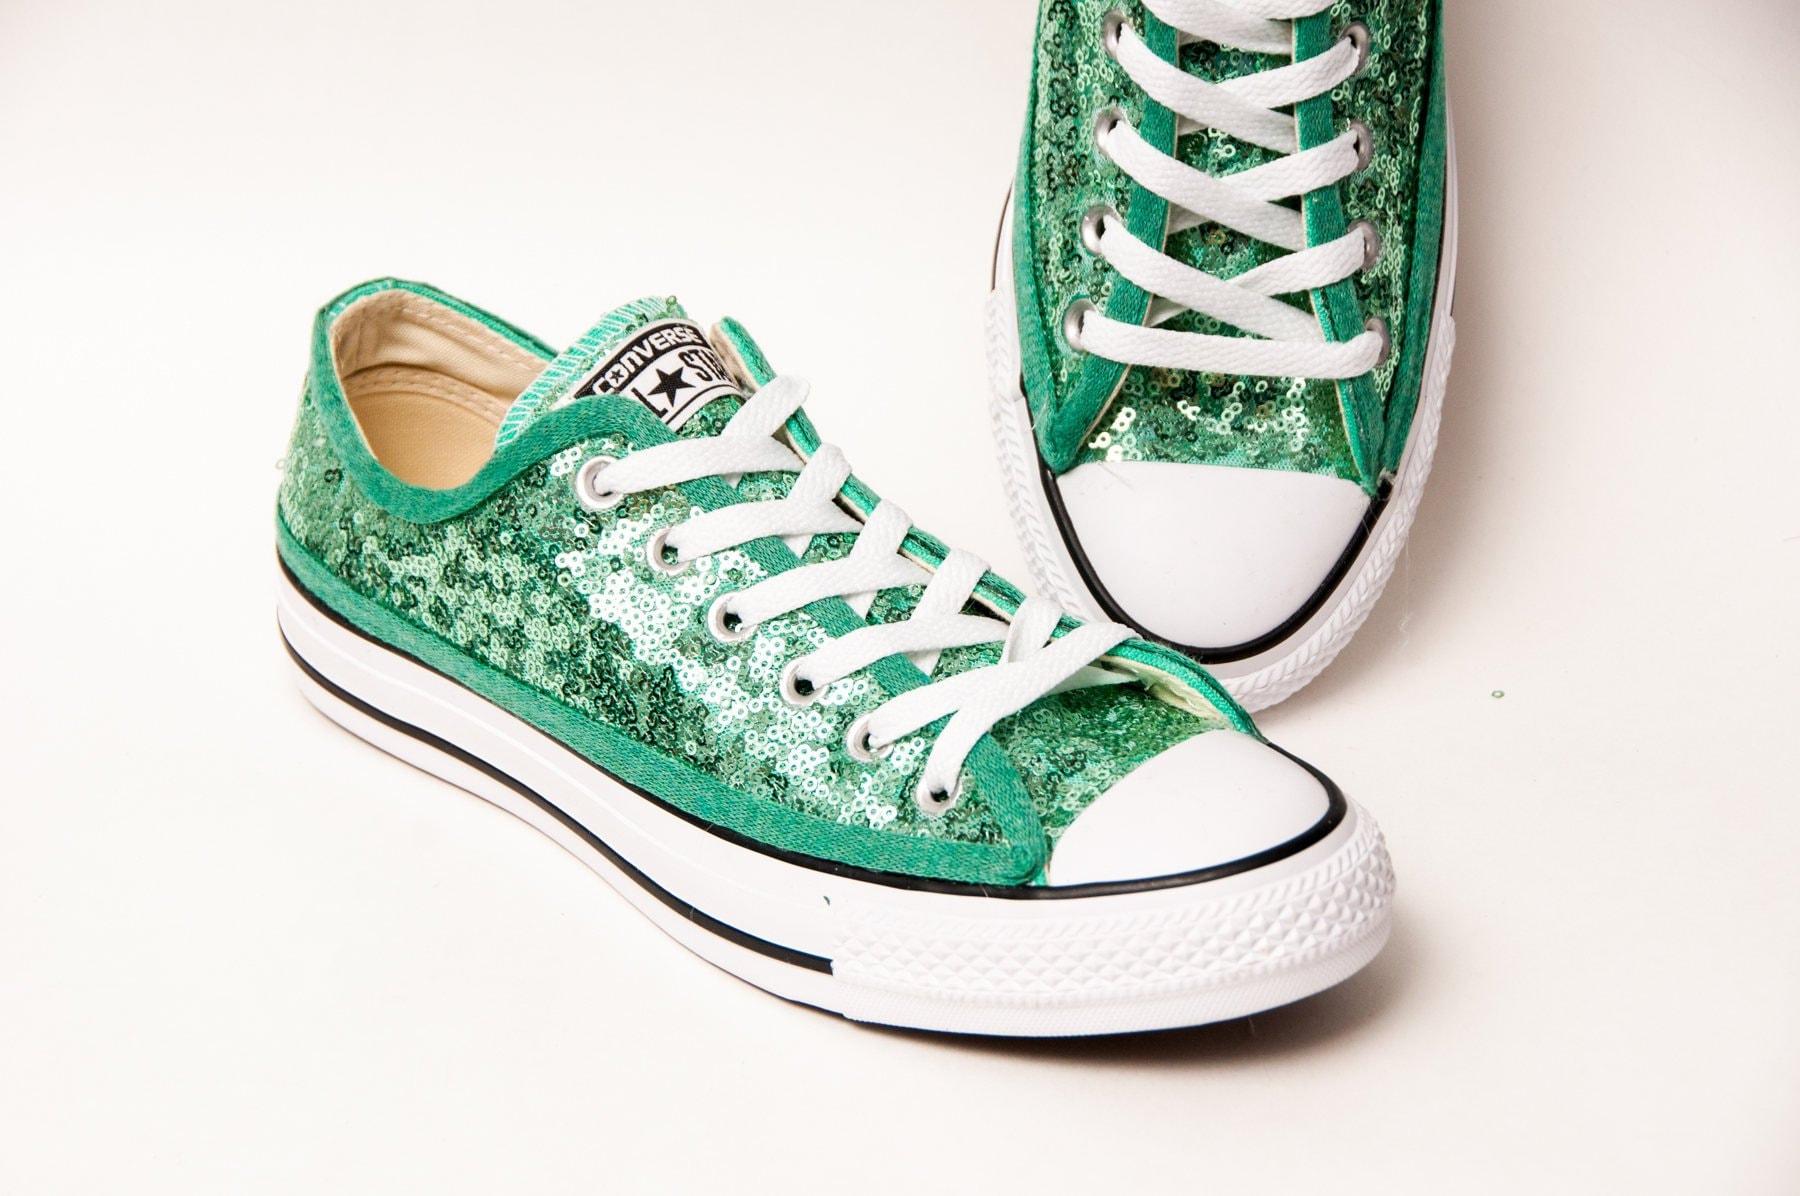 e6f9ec00dbd7 Mint Green Starlight Sequin Converse® Low Top Sneakers